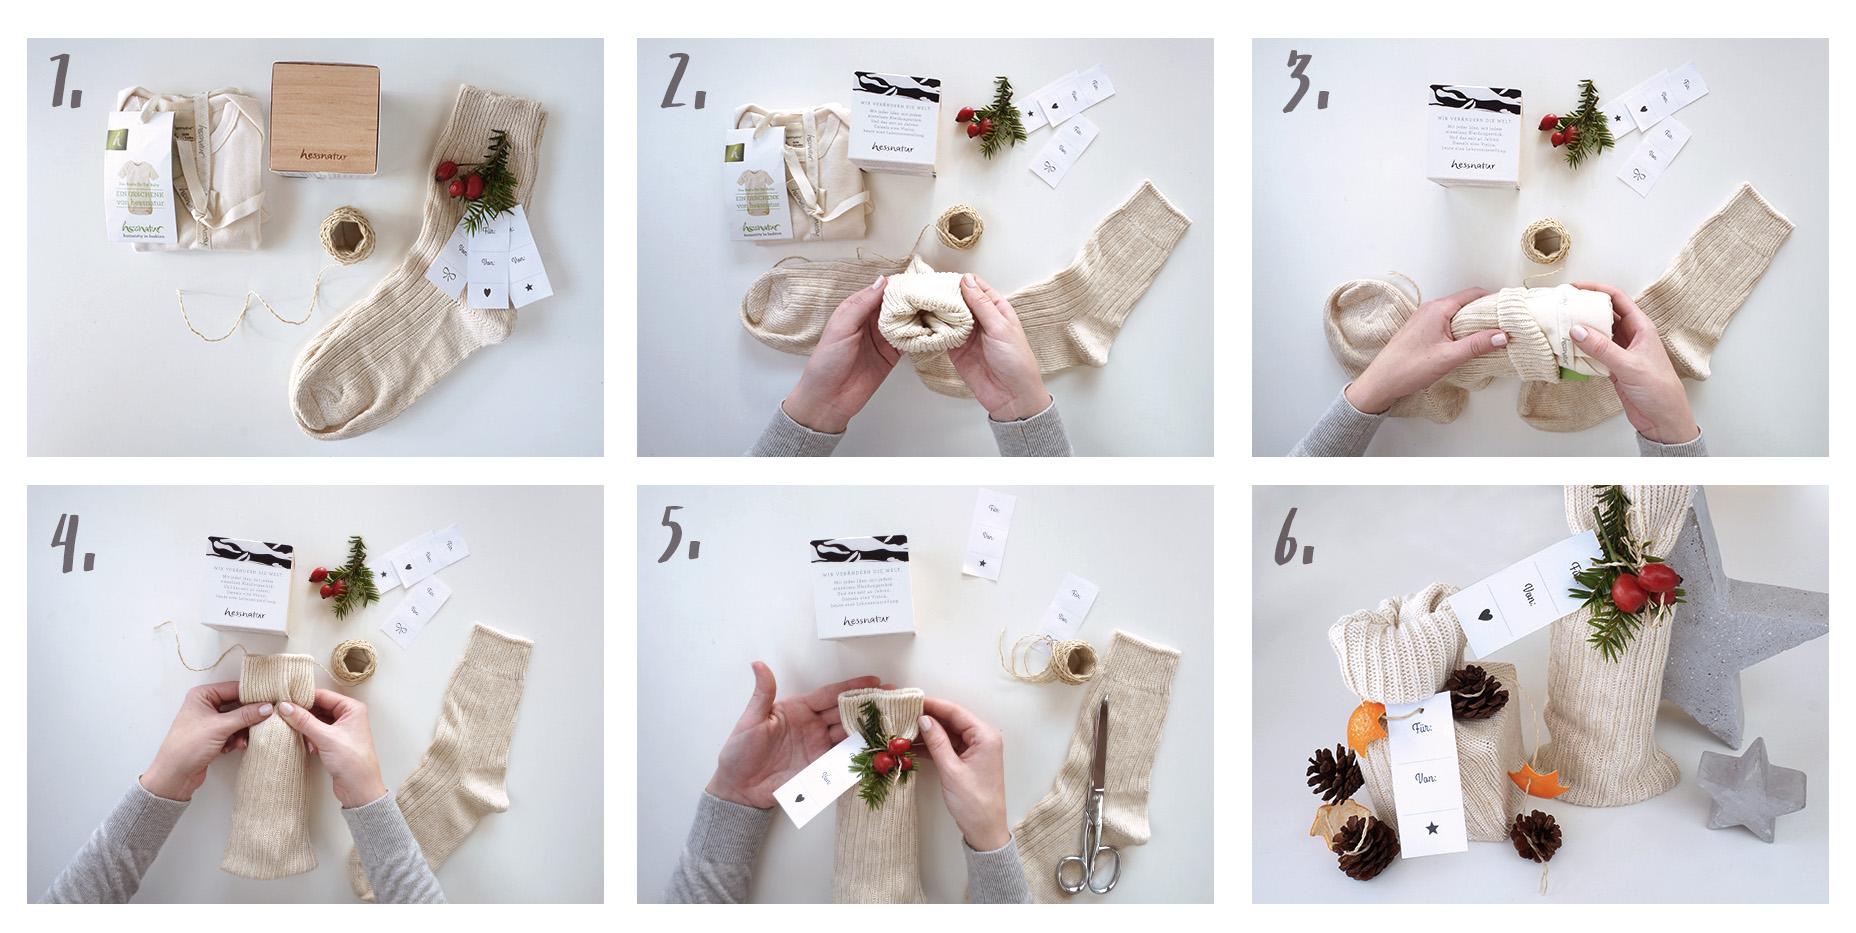 kennen sie schon diese 4 diy hacks zum geschenke verpacken. Black Bedroom Furniture Sets. Home Design Ideas